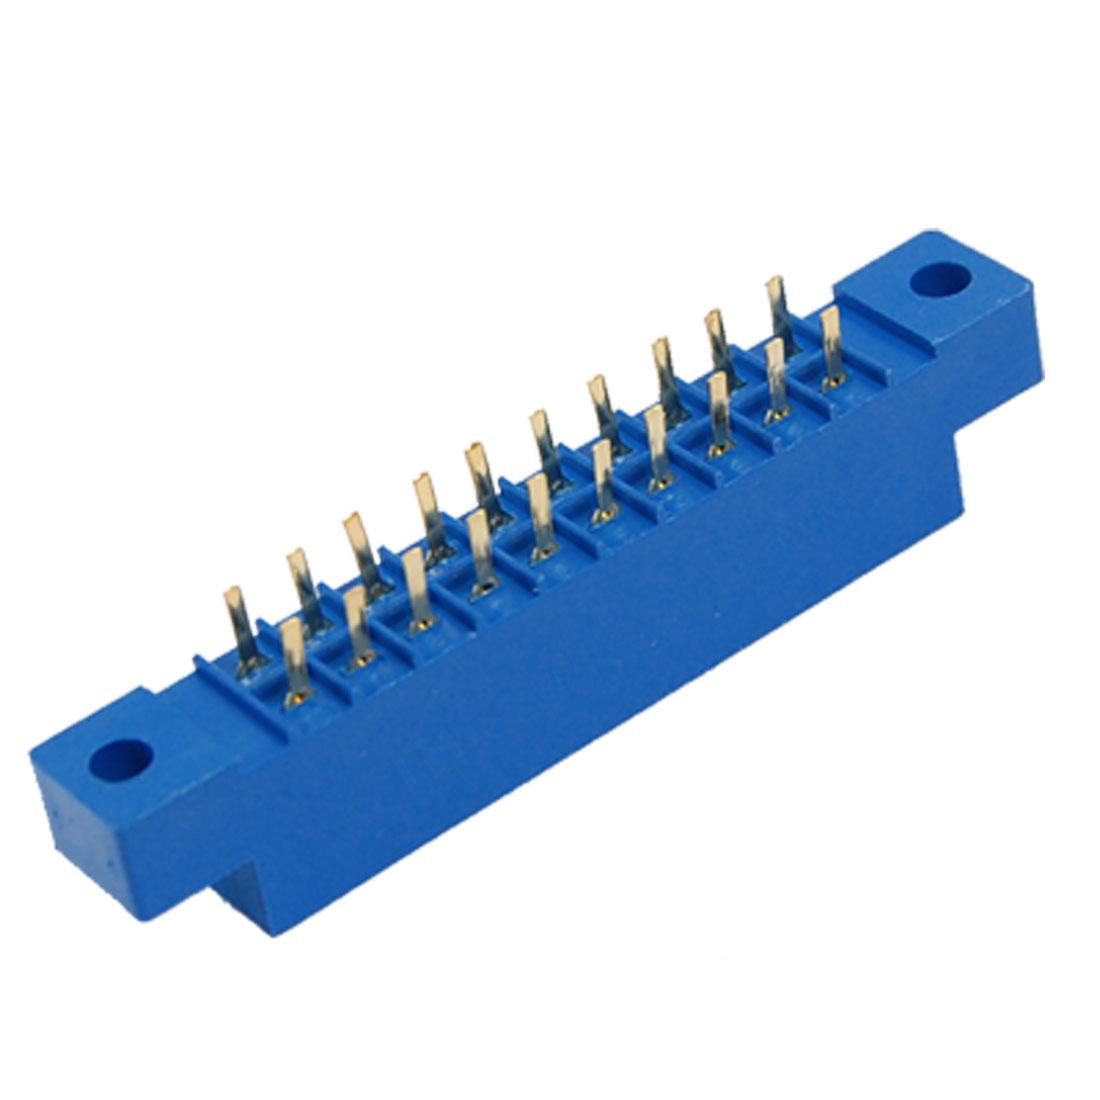 5 Pcs 805 Series 3.96mm Pitch 20P 10Px2 PCB Card Edge Connectors